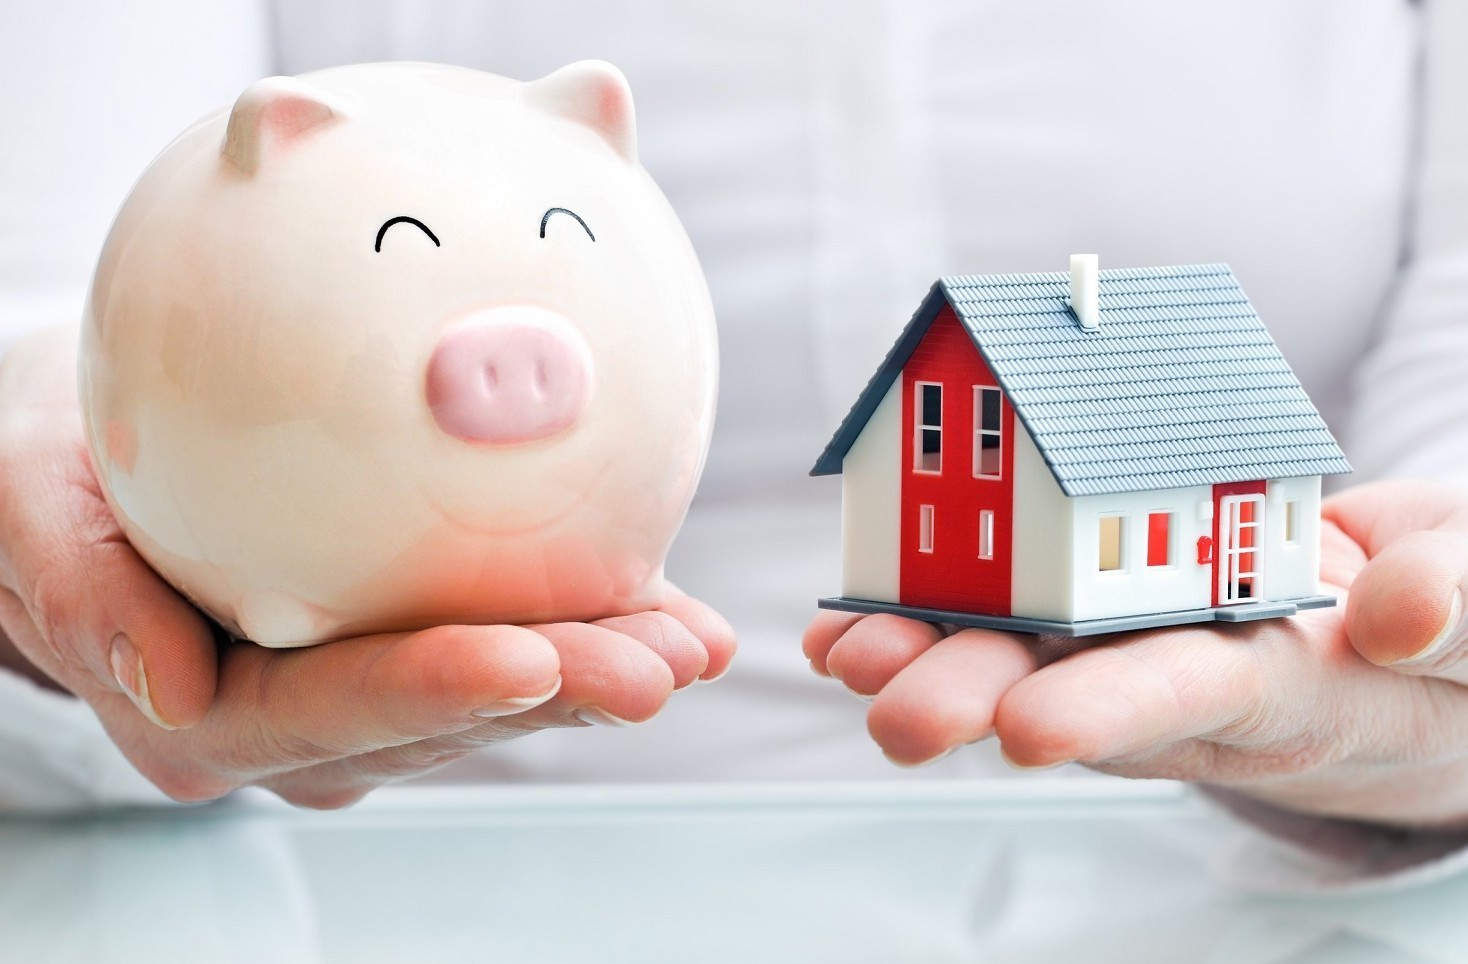 Comprare casa con spese condominiali arretrate da pagare. Chi paga e rischi